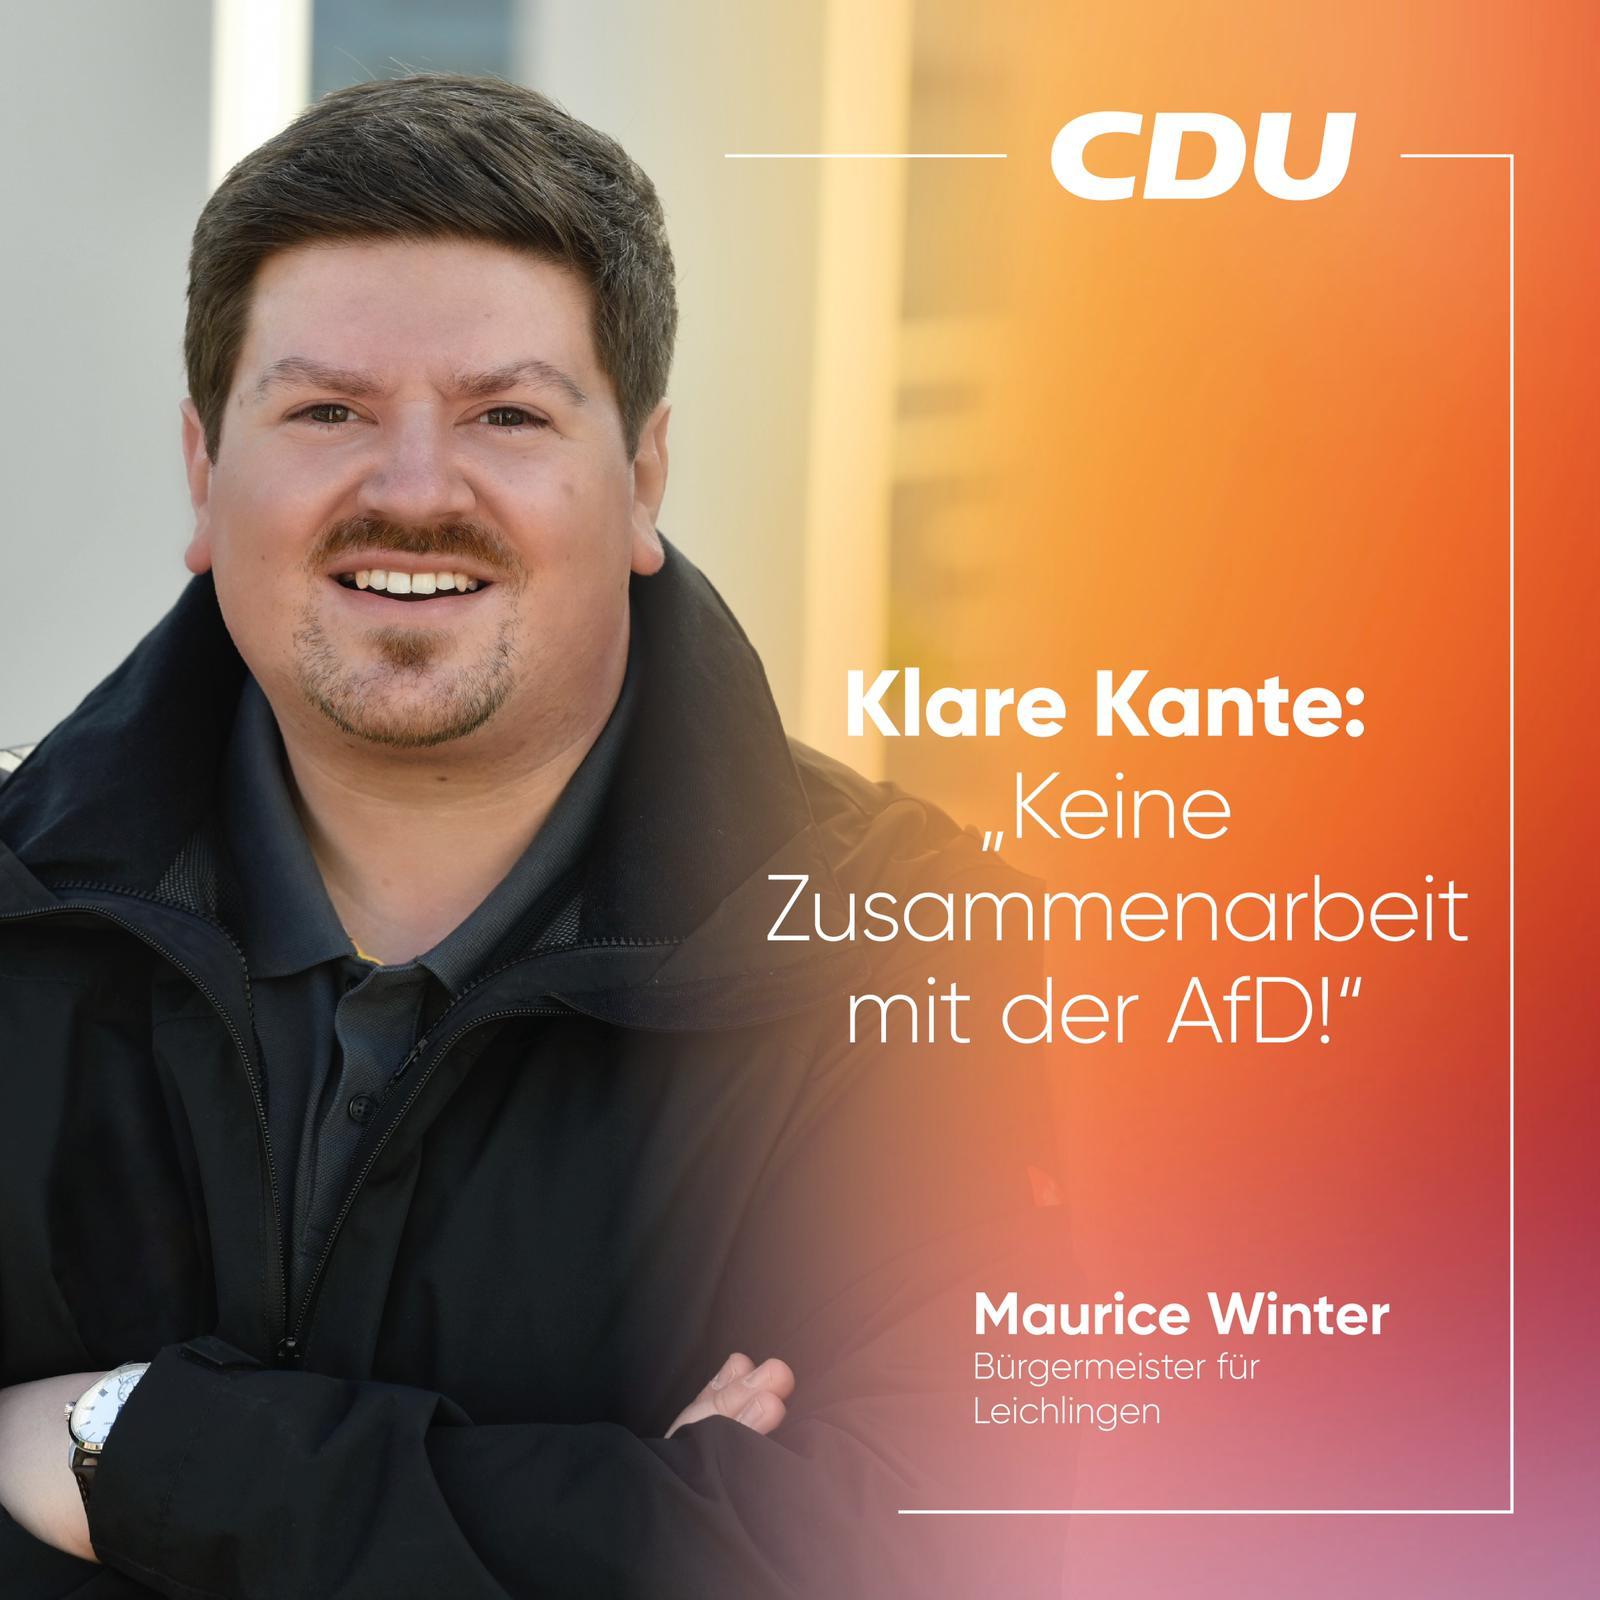 Klare Kante: Keine Zusammenarbeit mit der AfD